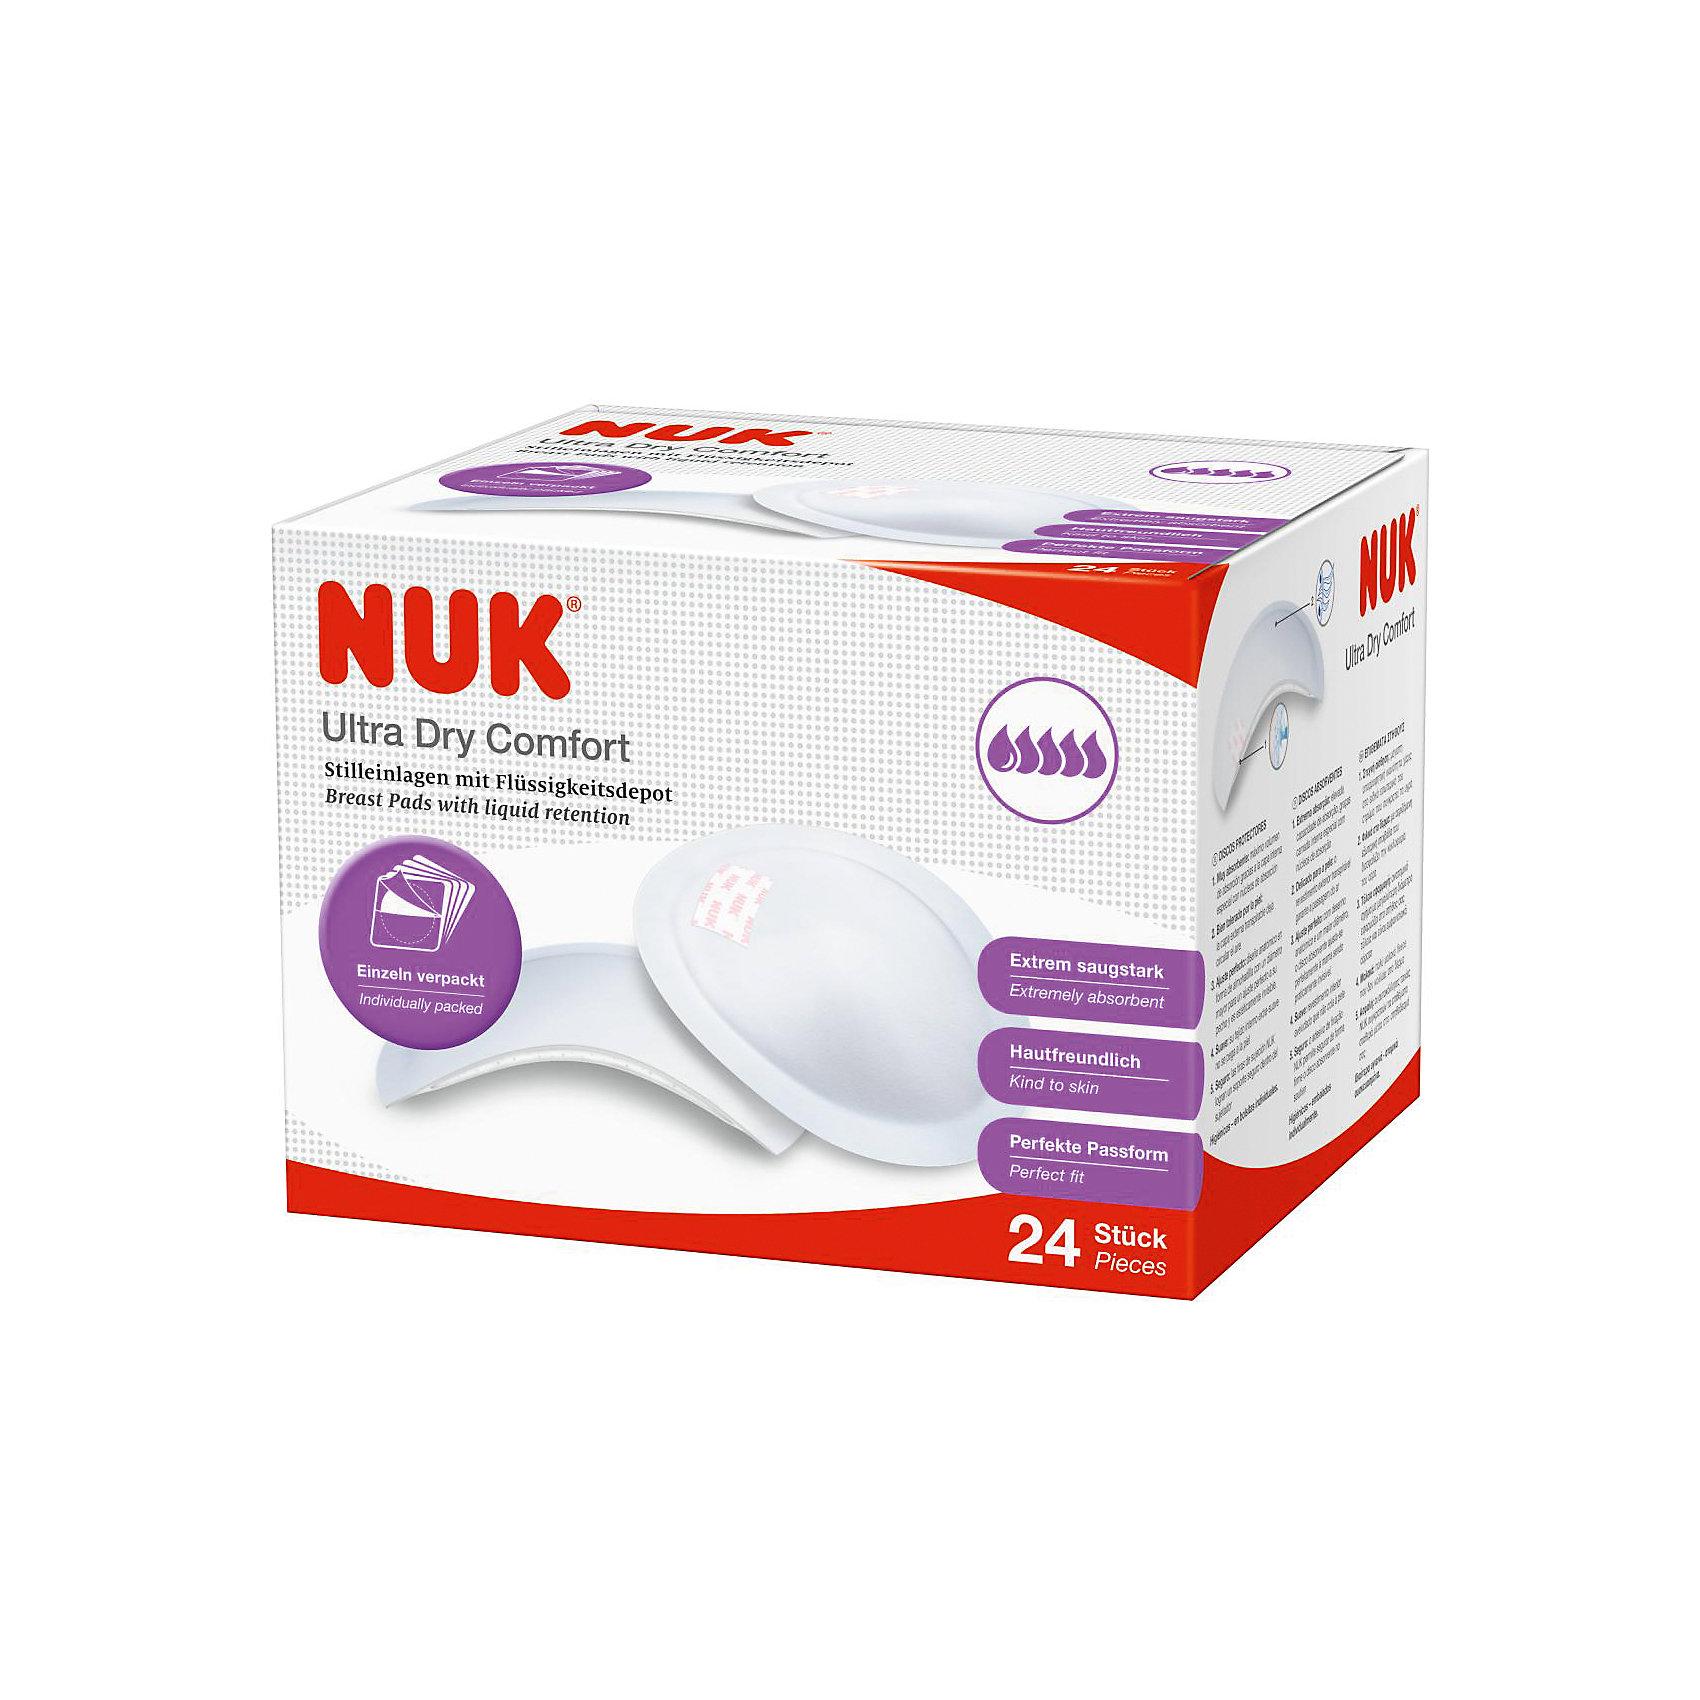 Прокладки для груди кормящих матерей Ulra Dry Comfort 60 шт., NUKНакладки на грудь<br>Прокладки для груди кормящих матерей Ulra Dry Comfort 60 шт., NUK<br><br>Характеристики:<br><br>• В набор входит: 60 прокладок<br>• Состав: нетканый материал<br>• Особенности: персональная упаковка, клейкая полоска<br>• Для мам<br>• Страна производитель: Германия<br><br>Практичная упаковка прокладок для груди от немецкой компании, специализирующейся на производстве качественных товаров для детей и мам NUK (Нук). Небольшая клеевая полоска удерживает прокладку от движения и перемещения, мягкий материал приятен для кожи и отлично впитывает влагу, удерживая ее. Дышащий слой обеспечит необходимую проходимость воздуха, оберегая кожу от воспаления, внутренний слой не прилипает к коже. <br><br>Анатомическая форма каждой прокладки обеспечивает максимальный комфорт кормящей маме. Практична коробка оснащена клеевой полосой, которая позволяет закрывать её и открывать снова. Ощутите бережную заботу с прокладками для груди от NUK (Нук)!<br><br>Прокладки для груди кормящих матерей Ulra Dry Comfort 60 шт., NUK можно купить в нашем интернет-магазине.<br><br>Ширина мм: 130<br>Глубина мм: 100<br>Высота мм: 225<br>Вес г: 450<br>Возраст от месяцев: 216<br>Возраст до месяцев: 2147483647<br>Пол: Женский<br>Возраст: Детский<br>SKU: 5405118